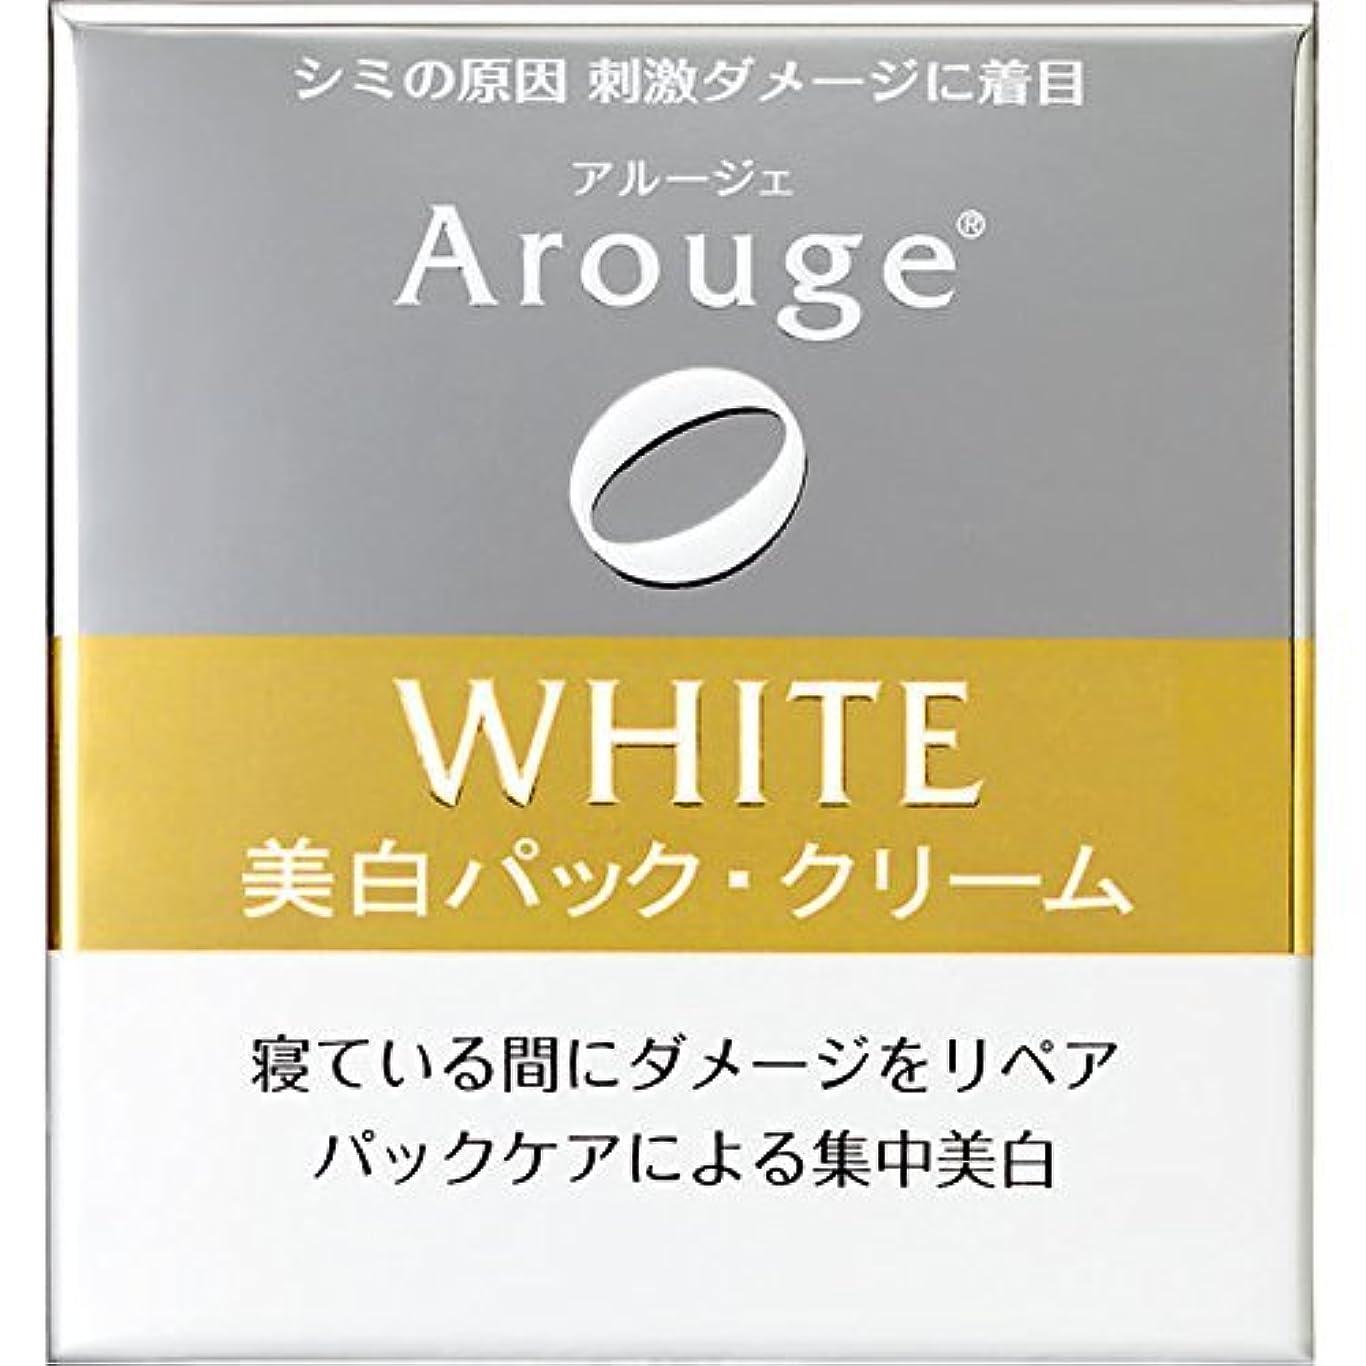 情緒的ガウン膜アルージェ ホワイトニングリペアクリーム 30g